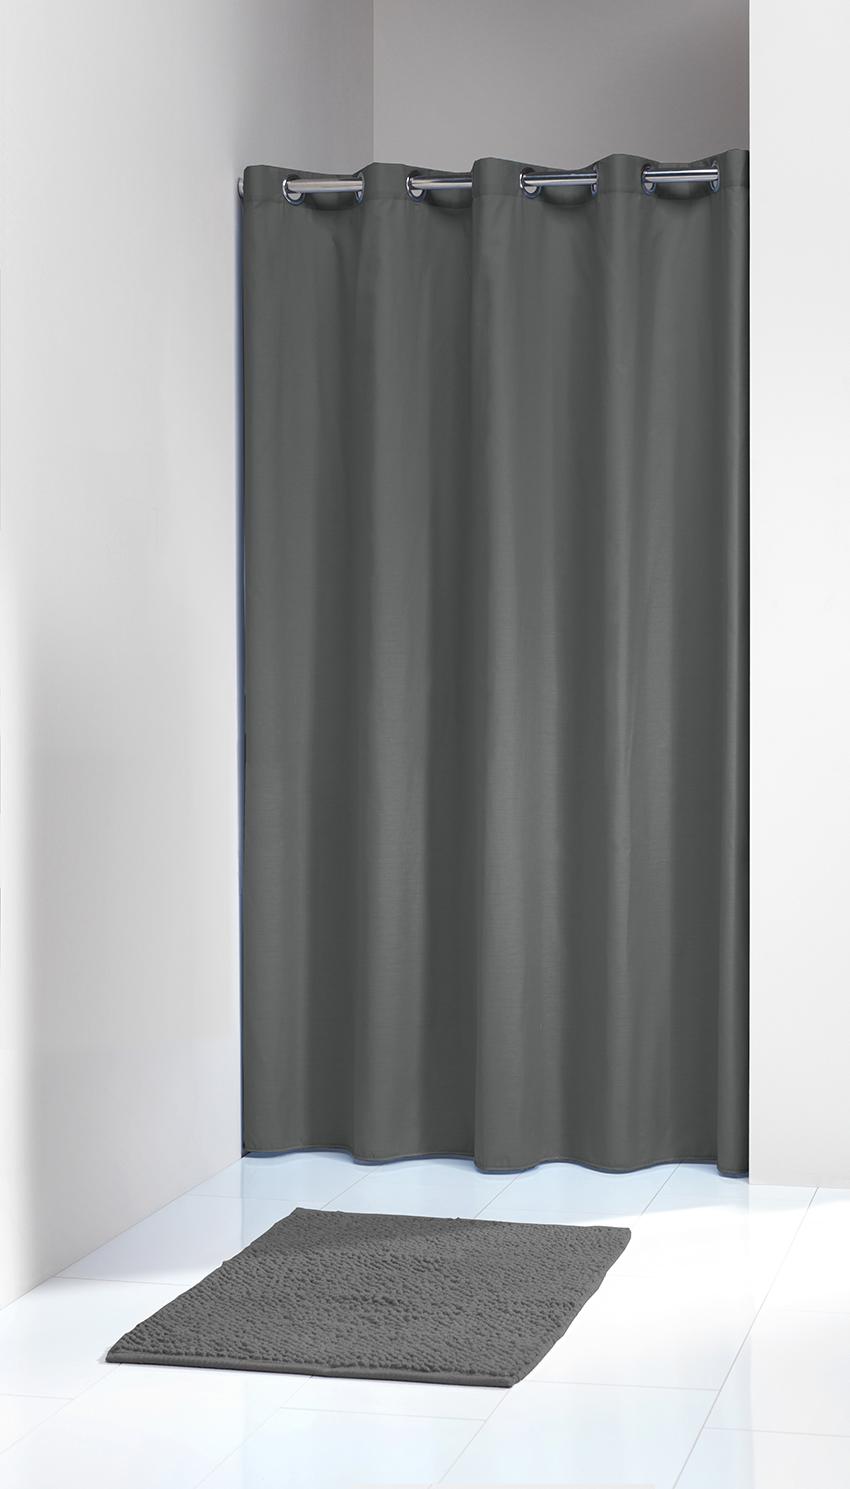 Κουρτίνα Υφασμάτινη «Coloris Grey» 180×200εκ. Sealskin 232211314 – sealskin – 232211314